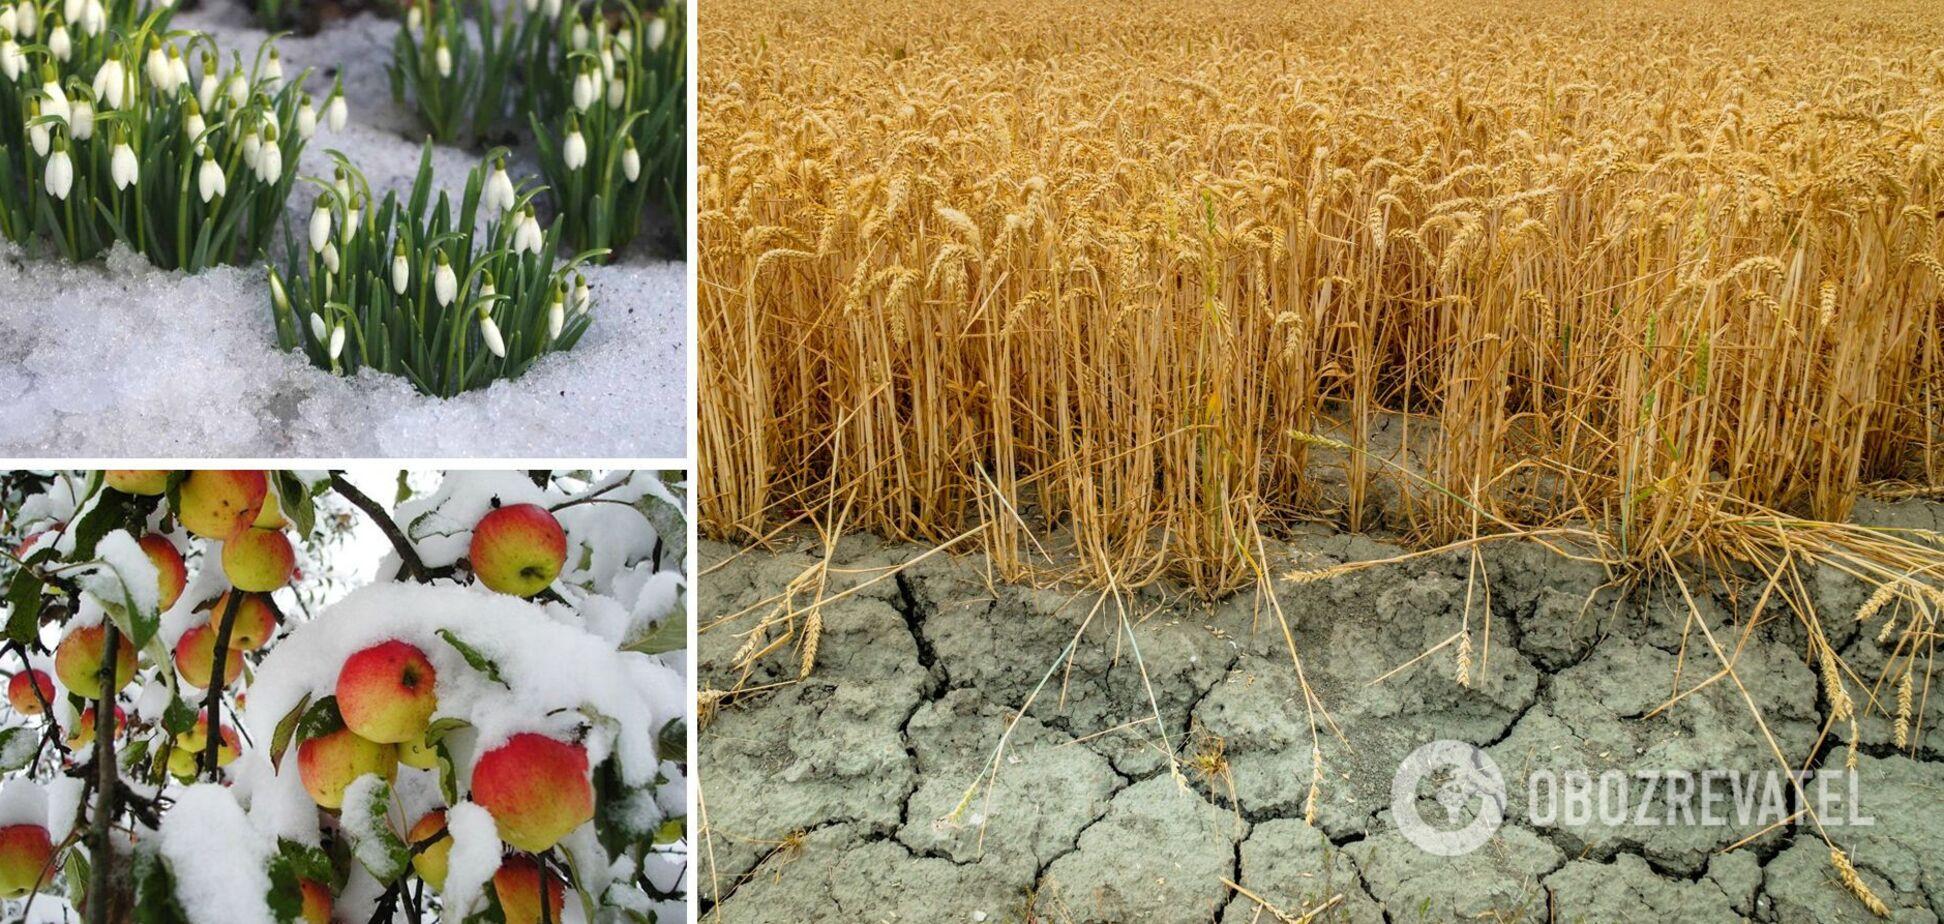 Україні загрожують серйозні проблеми з урожаєм: метеорологи назвали ризики снігового апокаліпсису й дали прогноз на весну